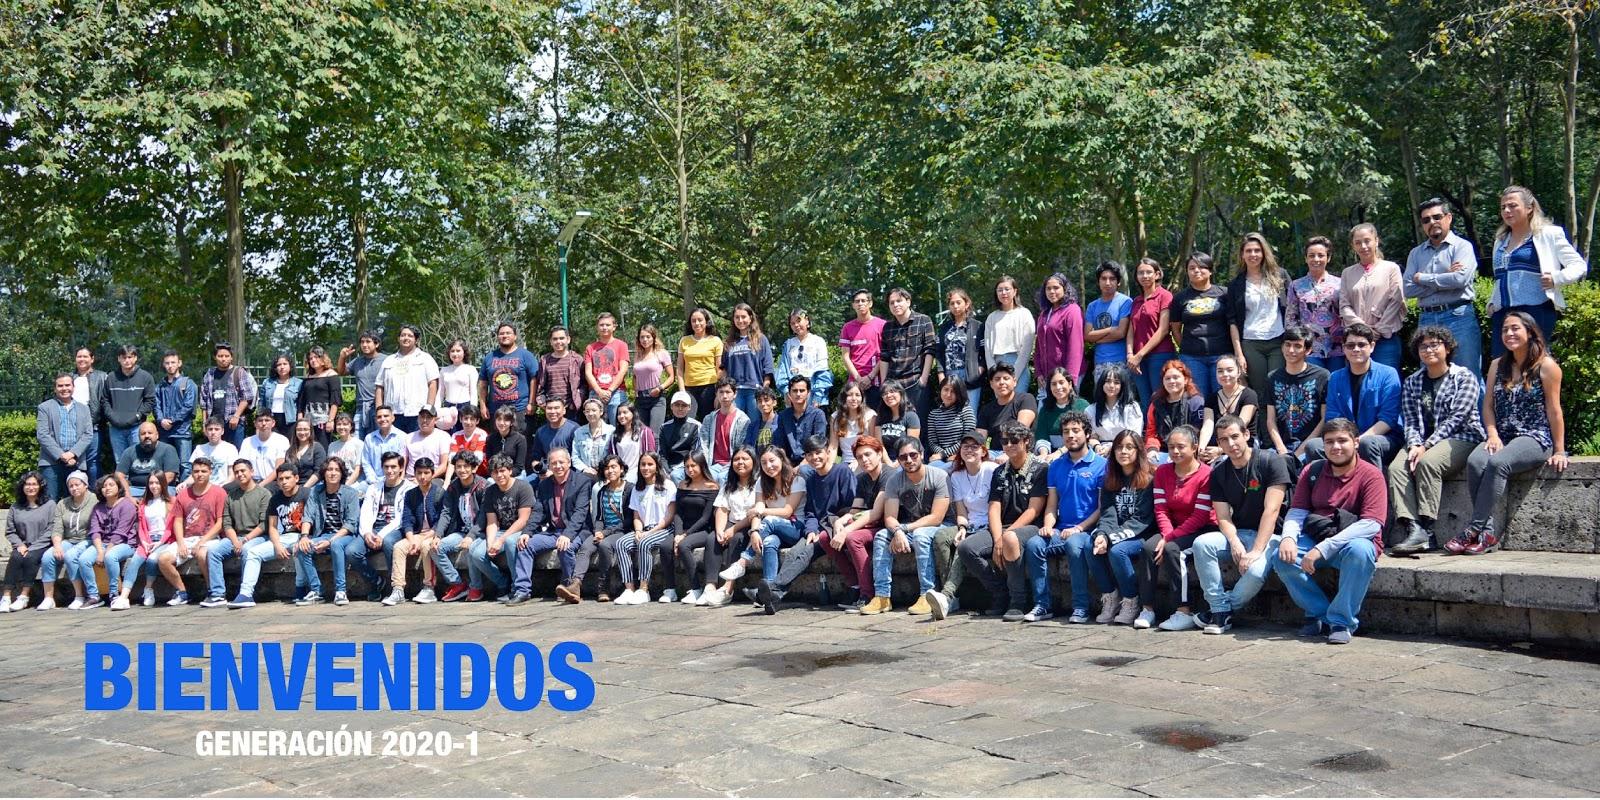 BIENVENIDOS-01.jpg